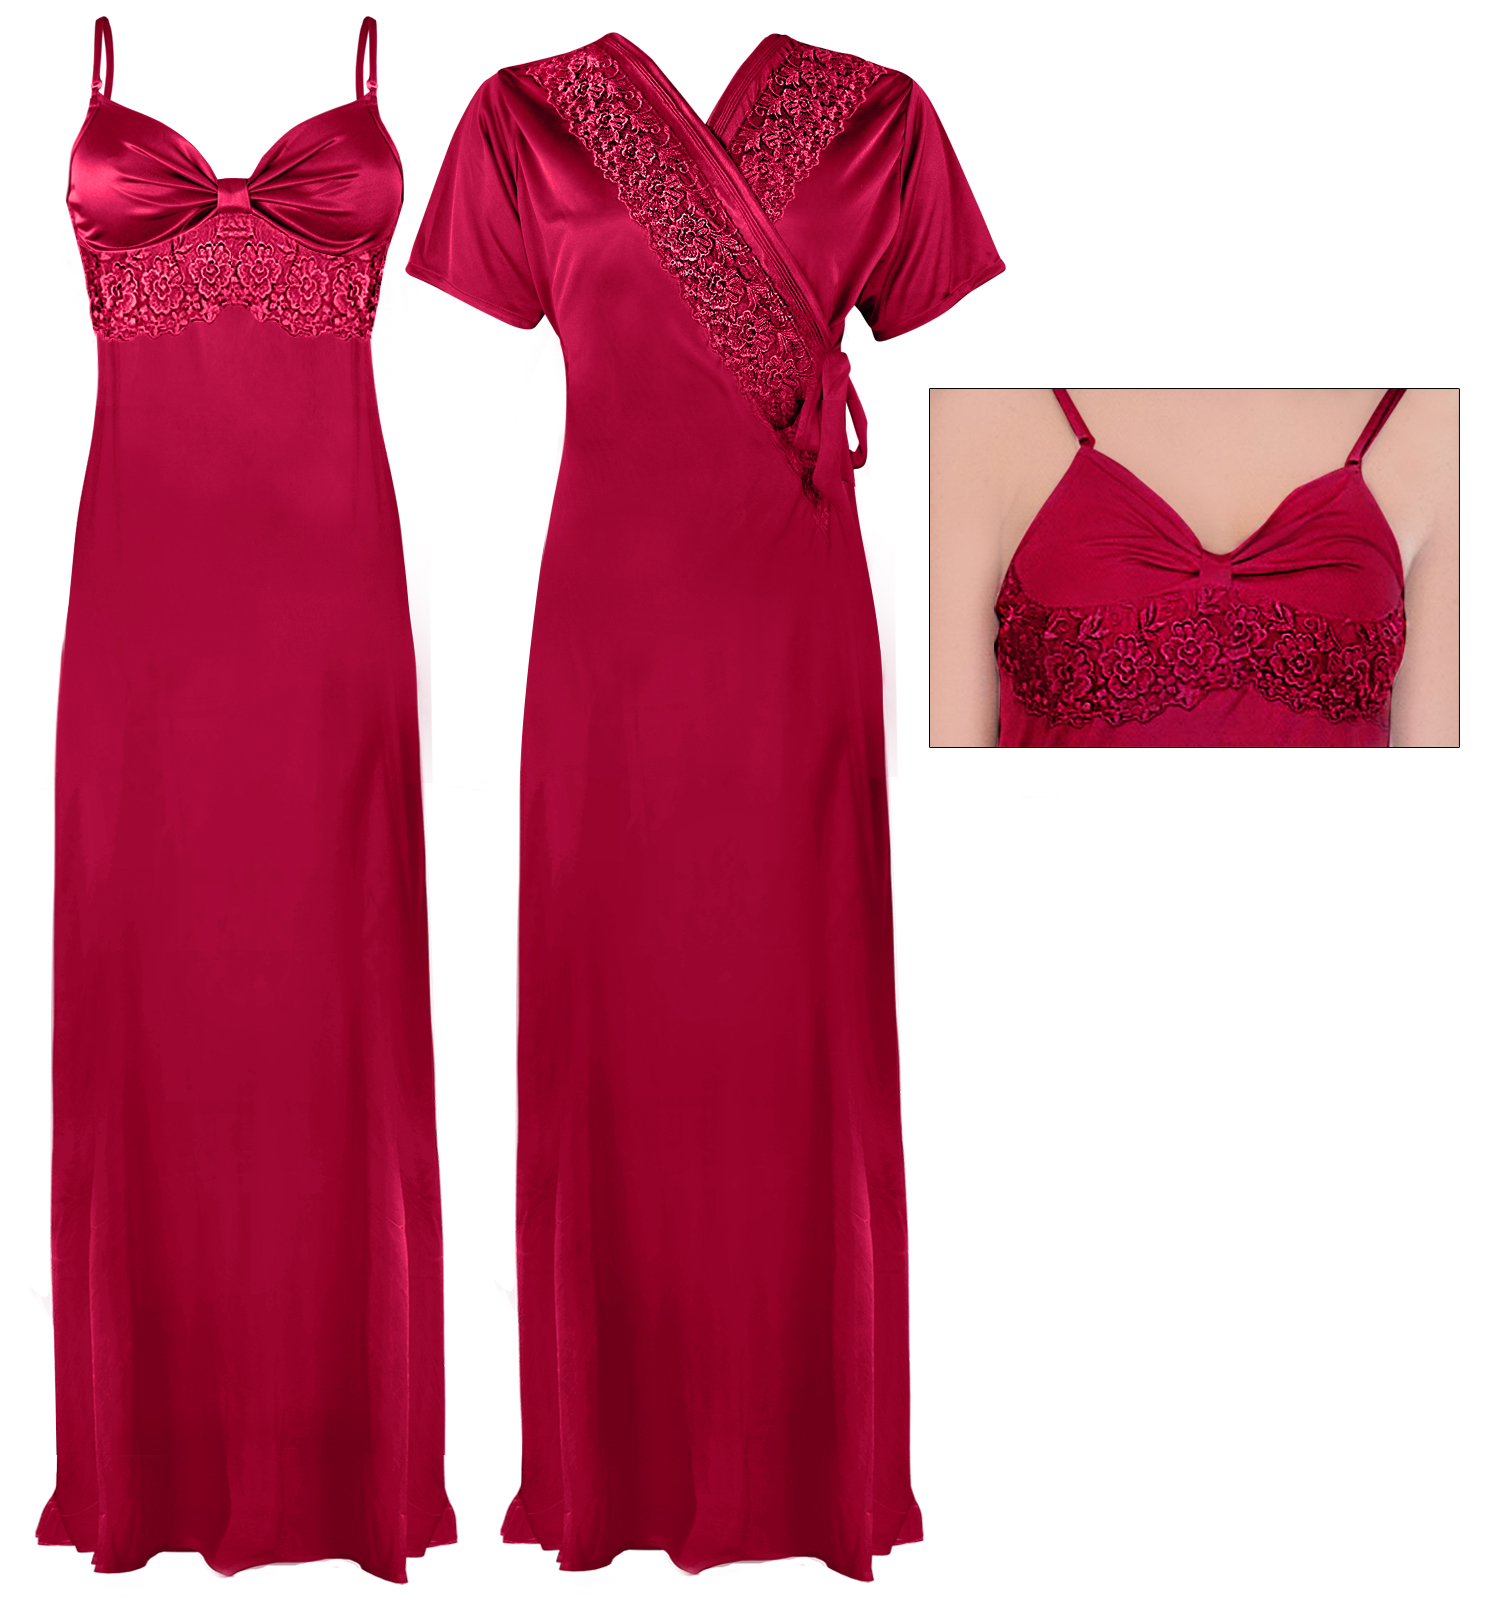 بالصور ملابس نوم للعرايس , اجمل ملابس النوم لللعروس2019 3636 2